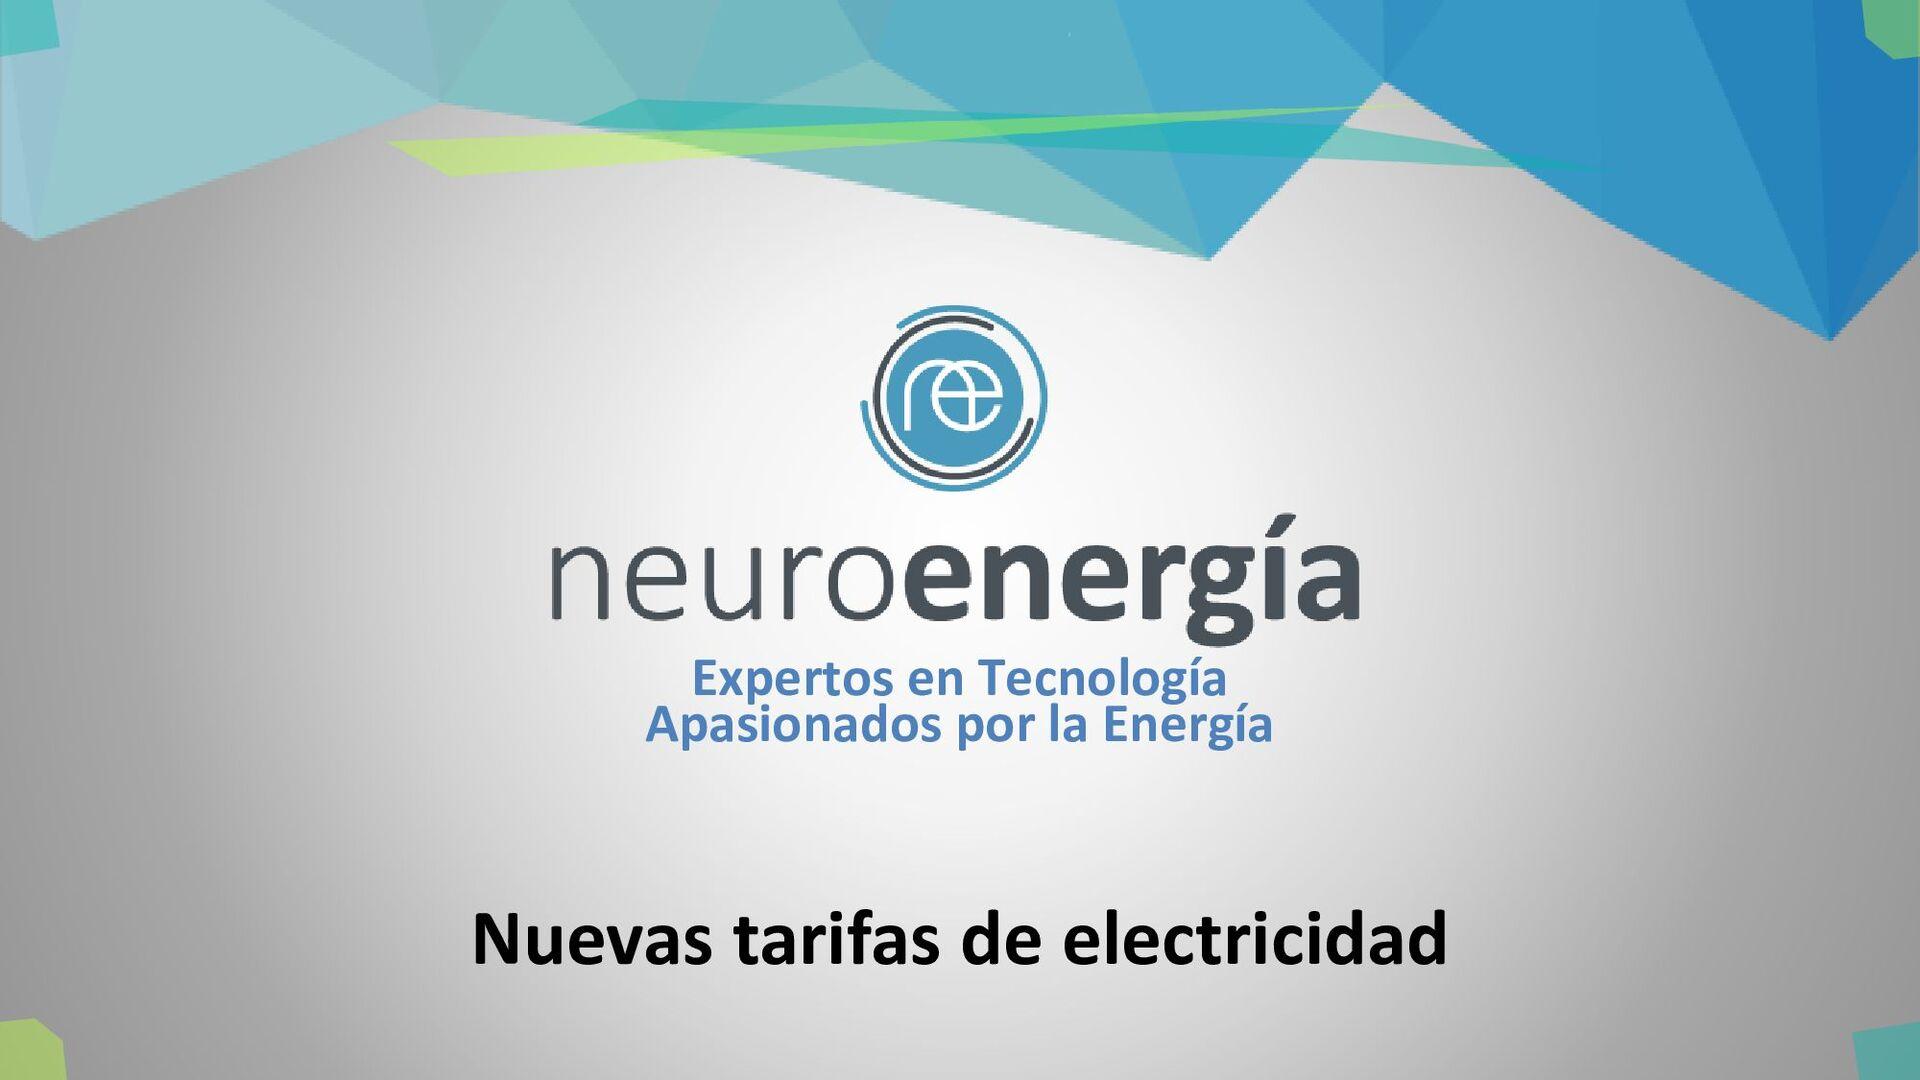 Expertos en Tecnología Apasionados por la Energ...